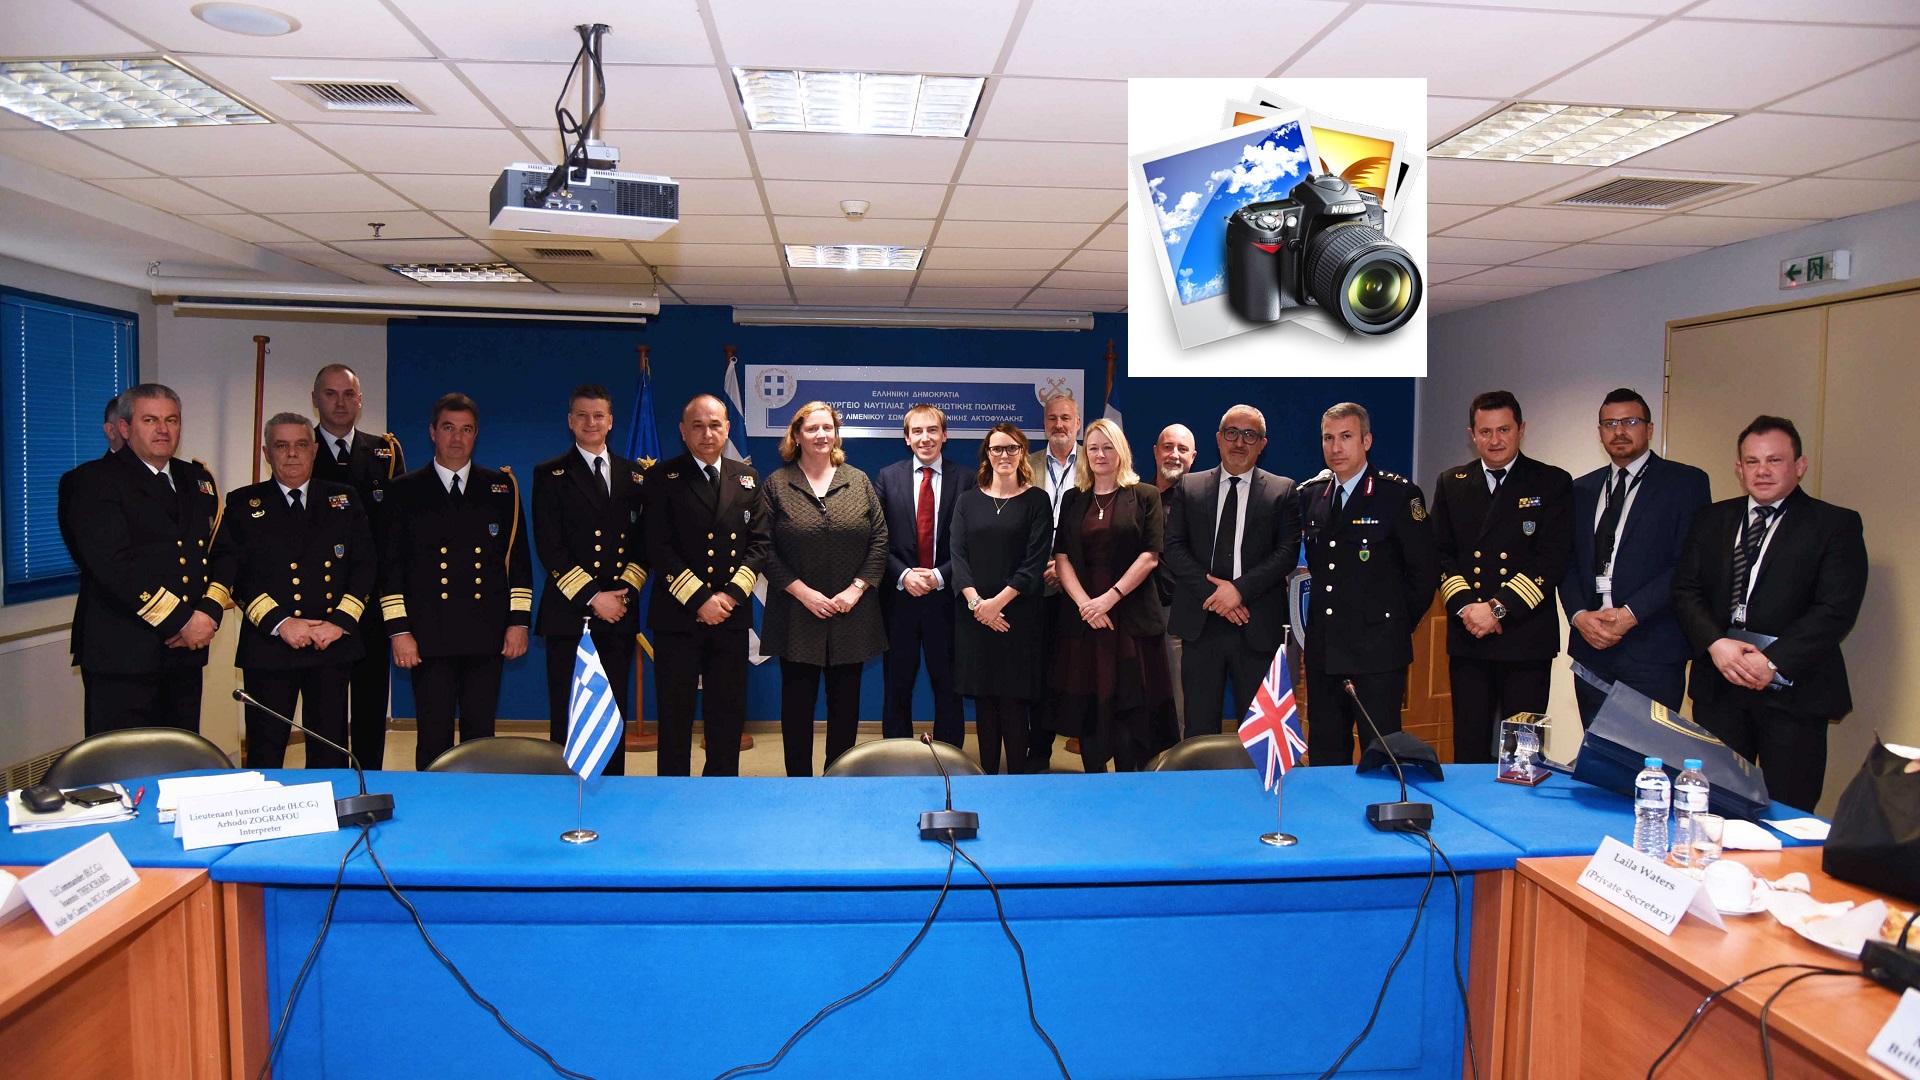 Επίσκεψη Δεύτερης Μόνιμης Γενικής Γραμματέως της Κυβέρνησης του Ηνωμένου Βασιλείου στο Αρχηγείο του Λ.Σ-ΕΛ.ΑΚΤ.